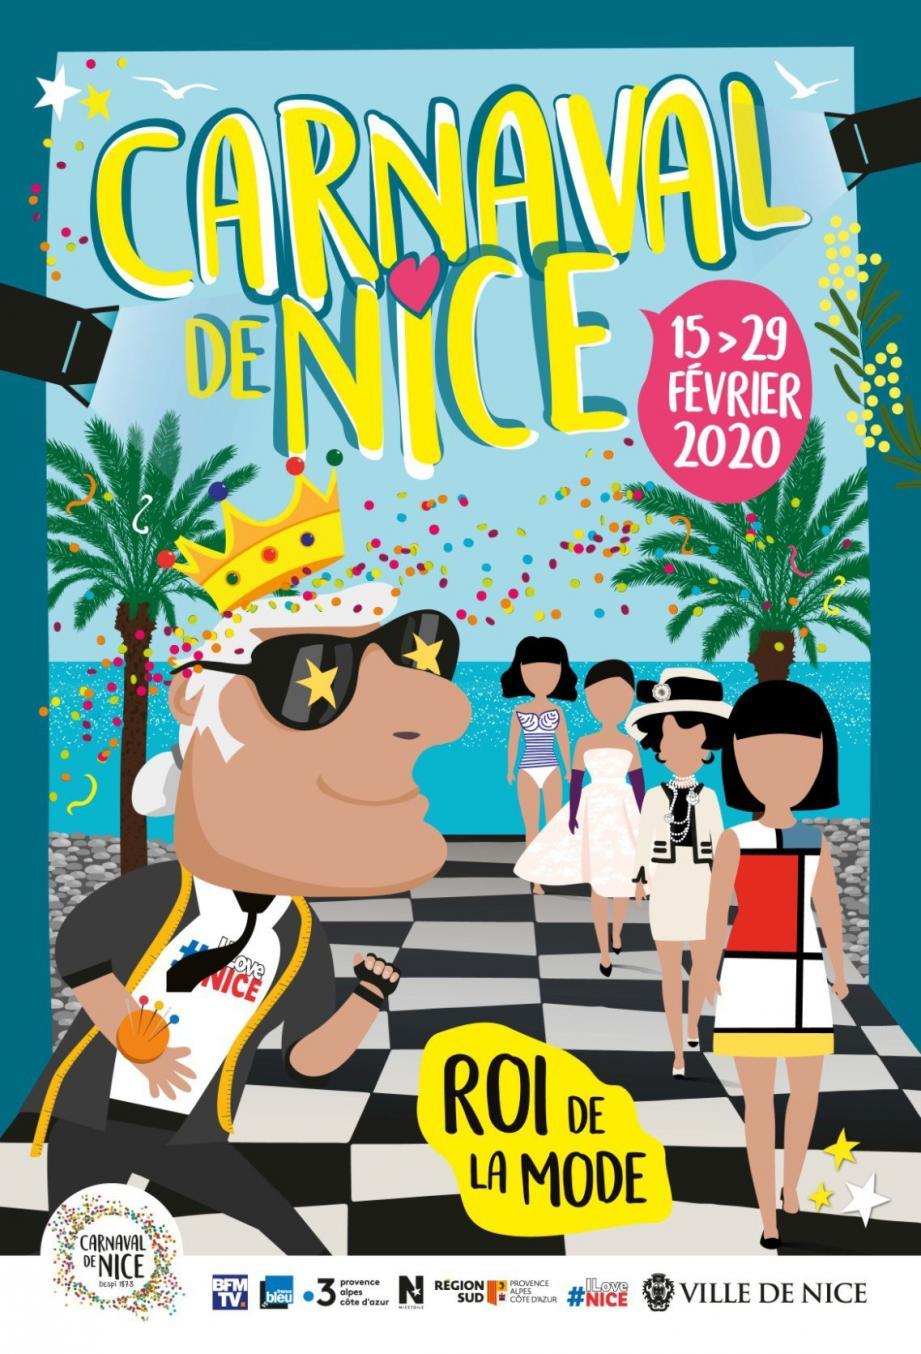 Affiche Carnaval de Nice 2020 - Crédit Ville de Nice